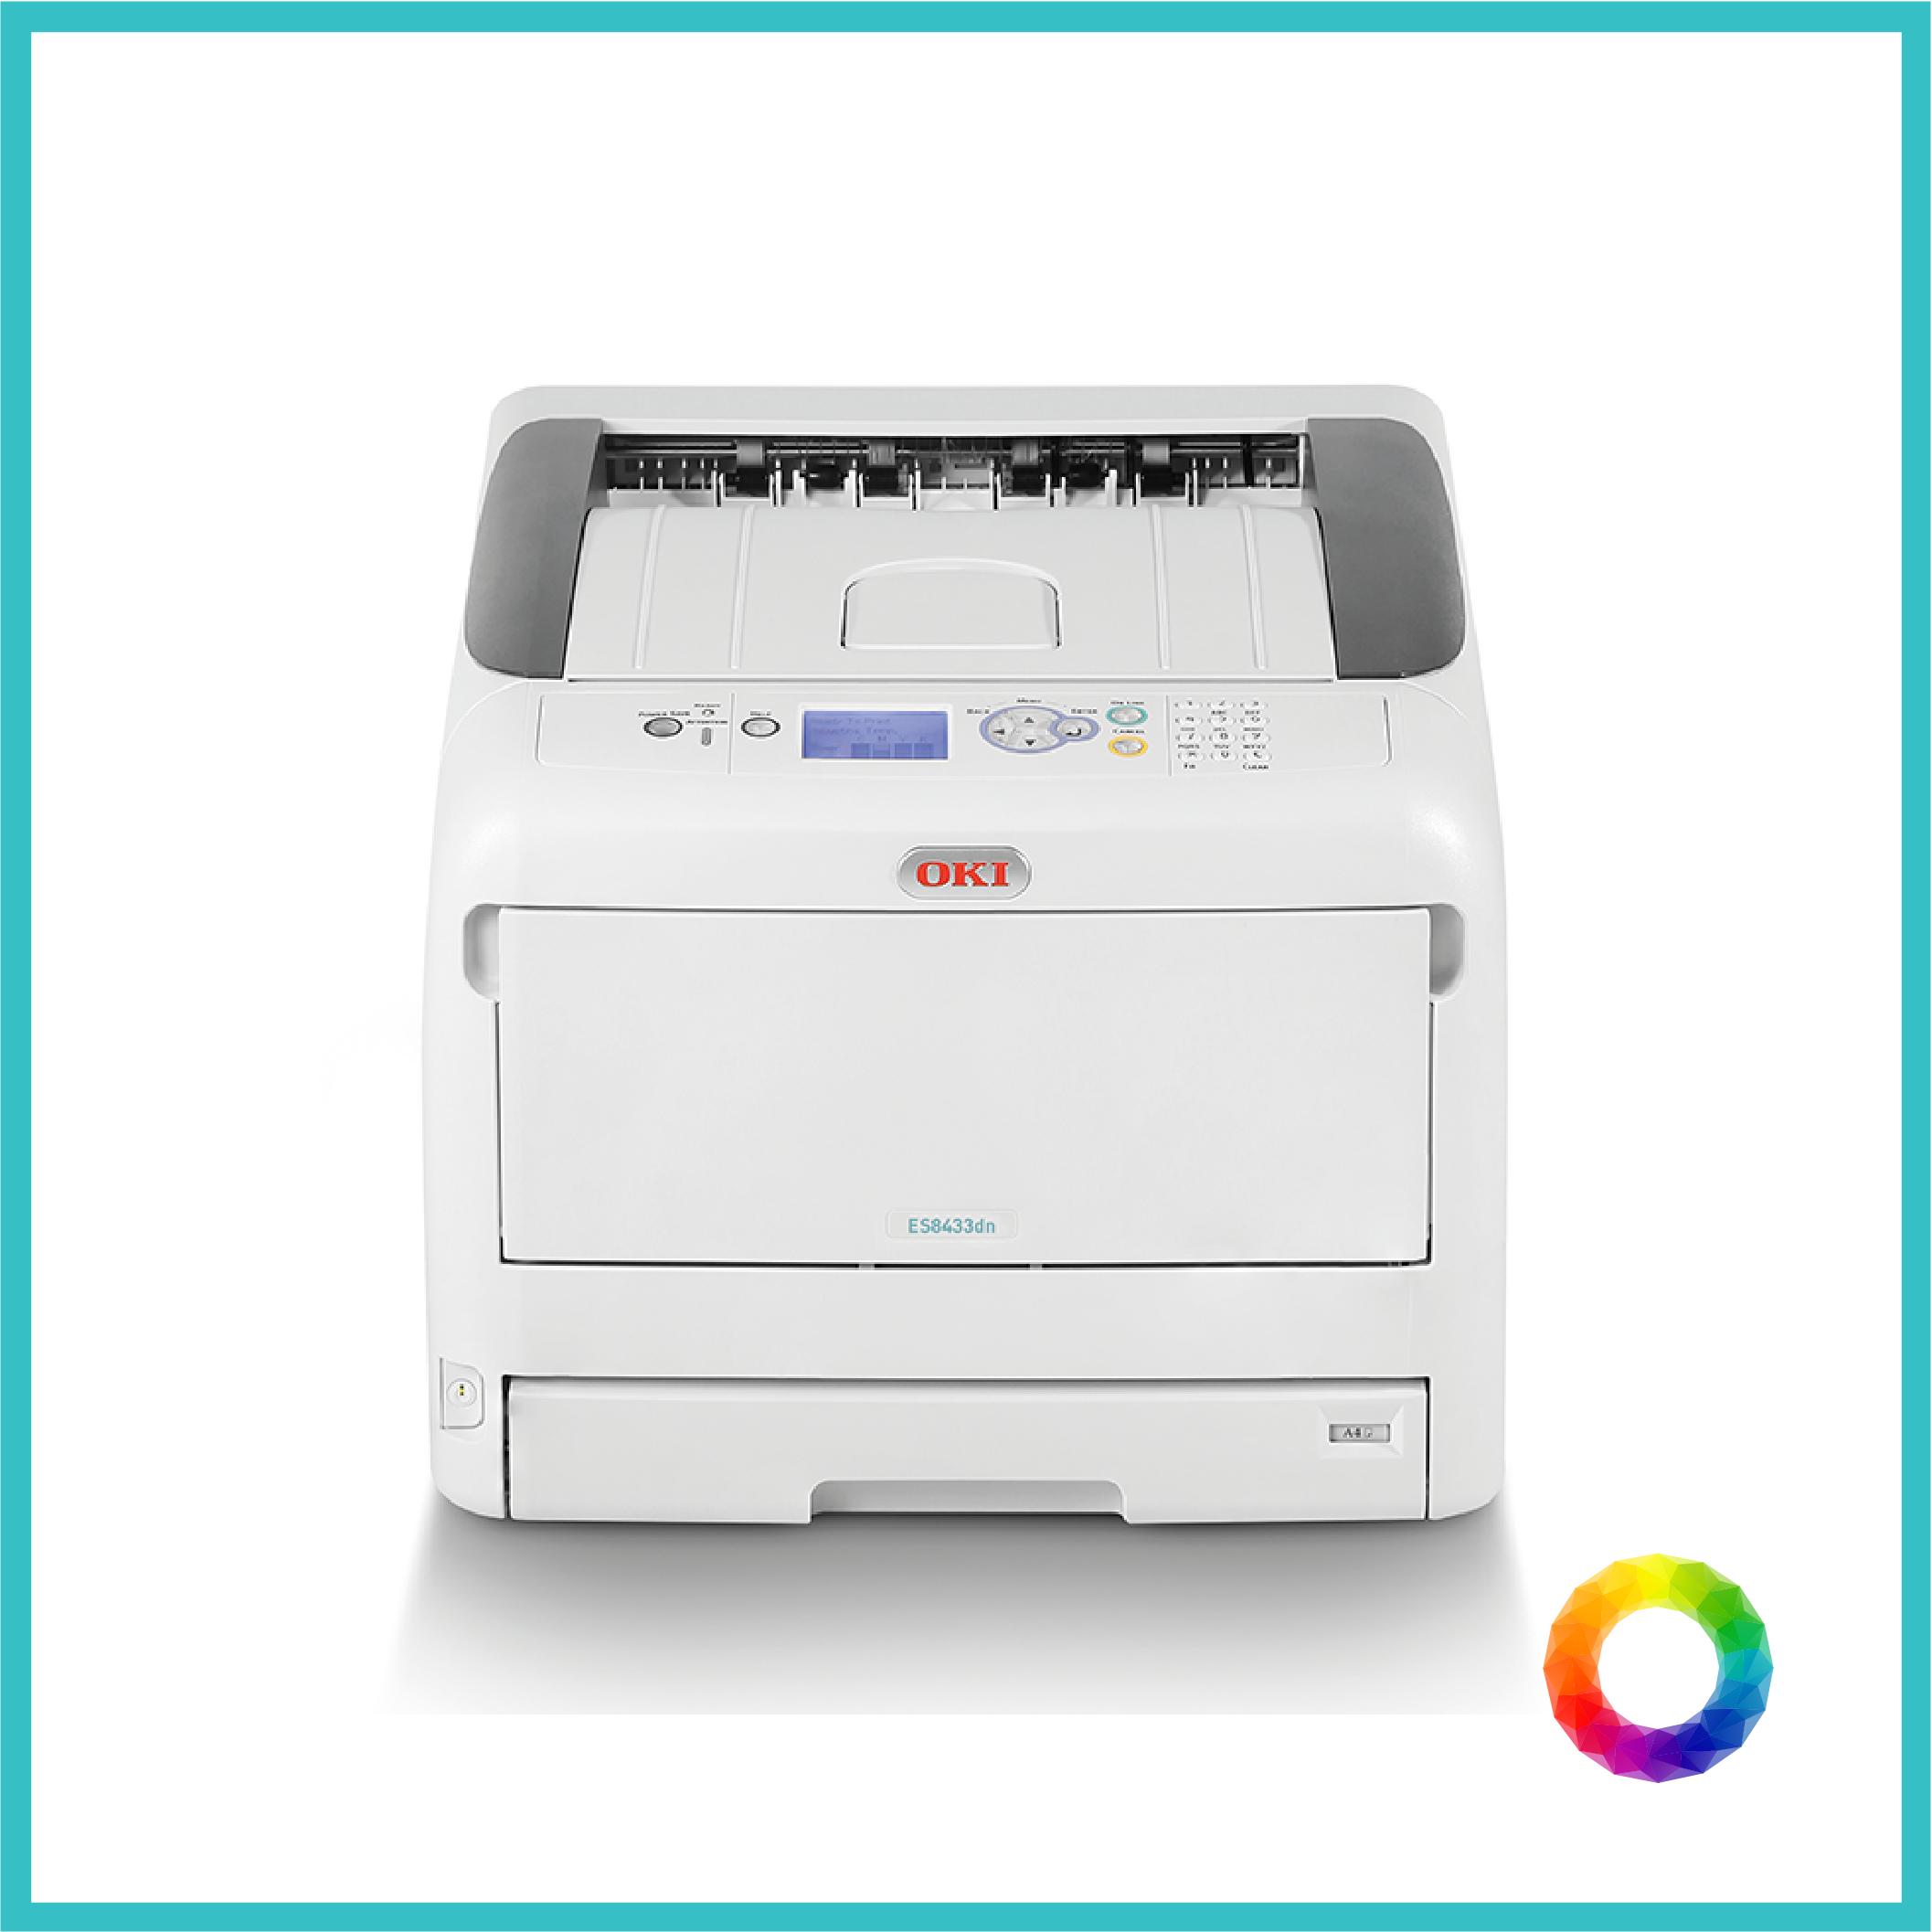 multipurpose OKI ES8443 photocopier